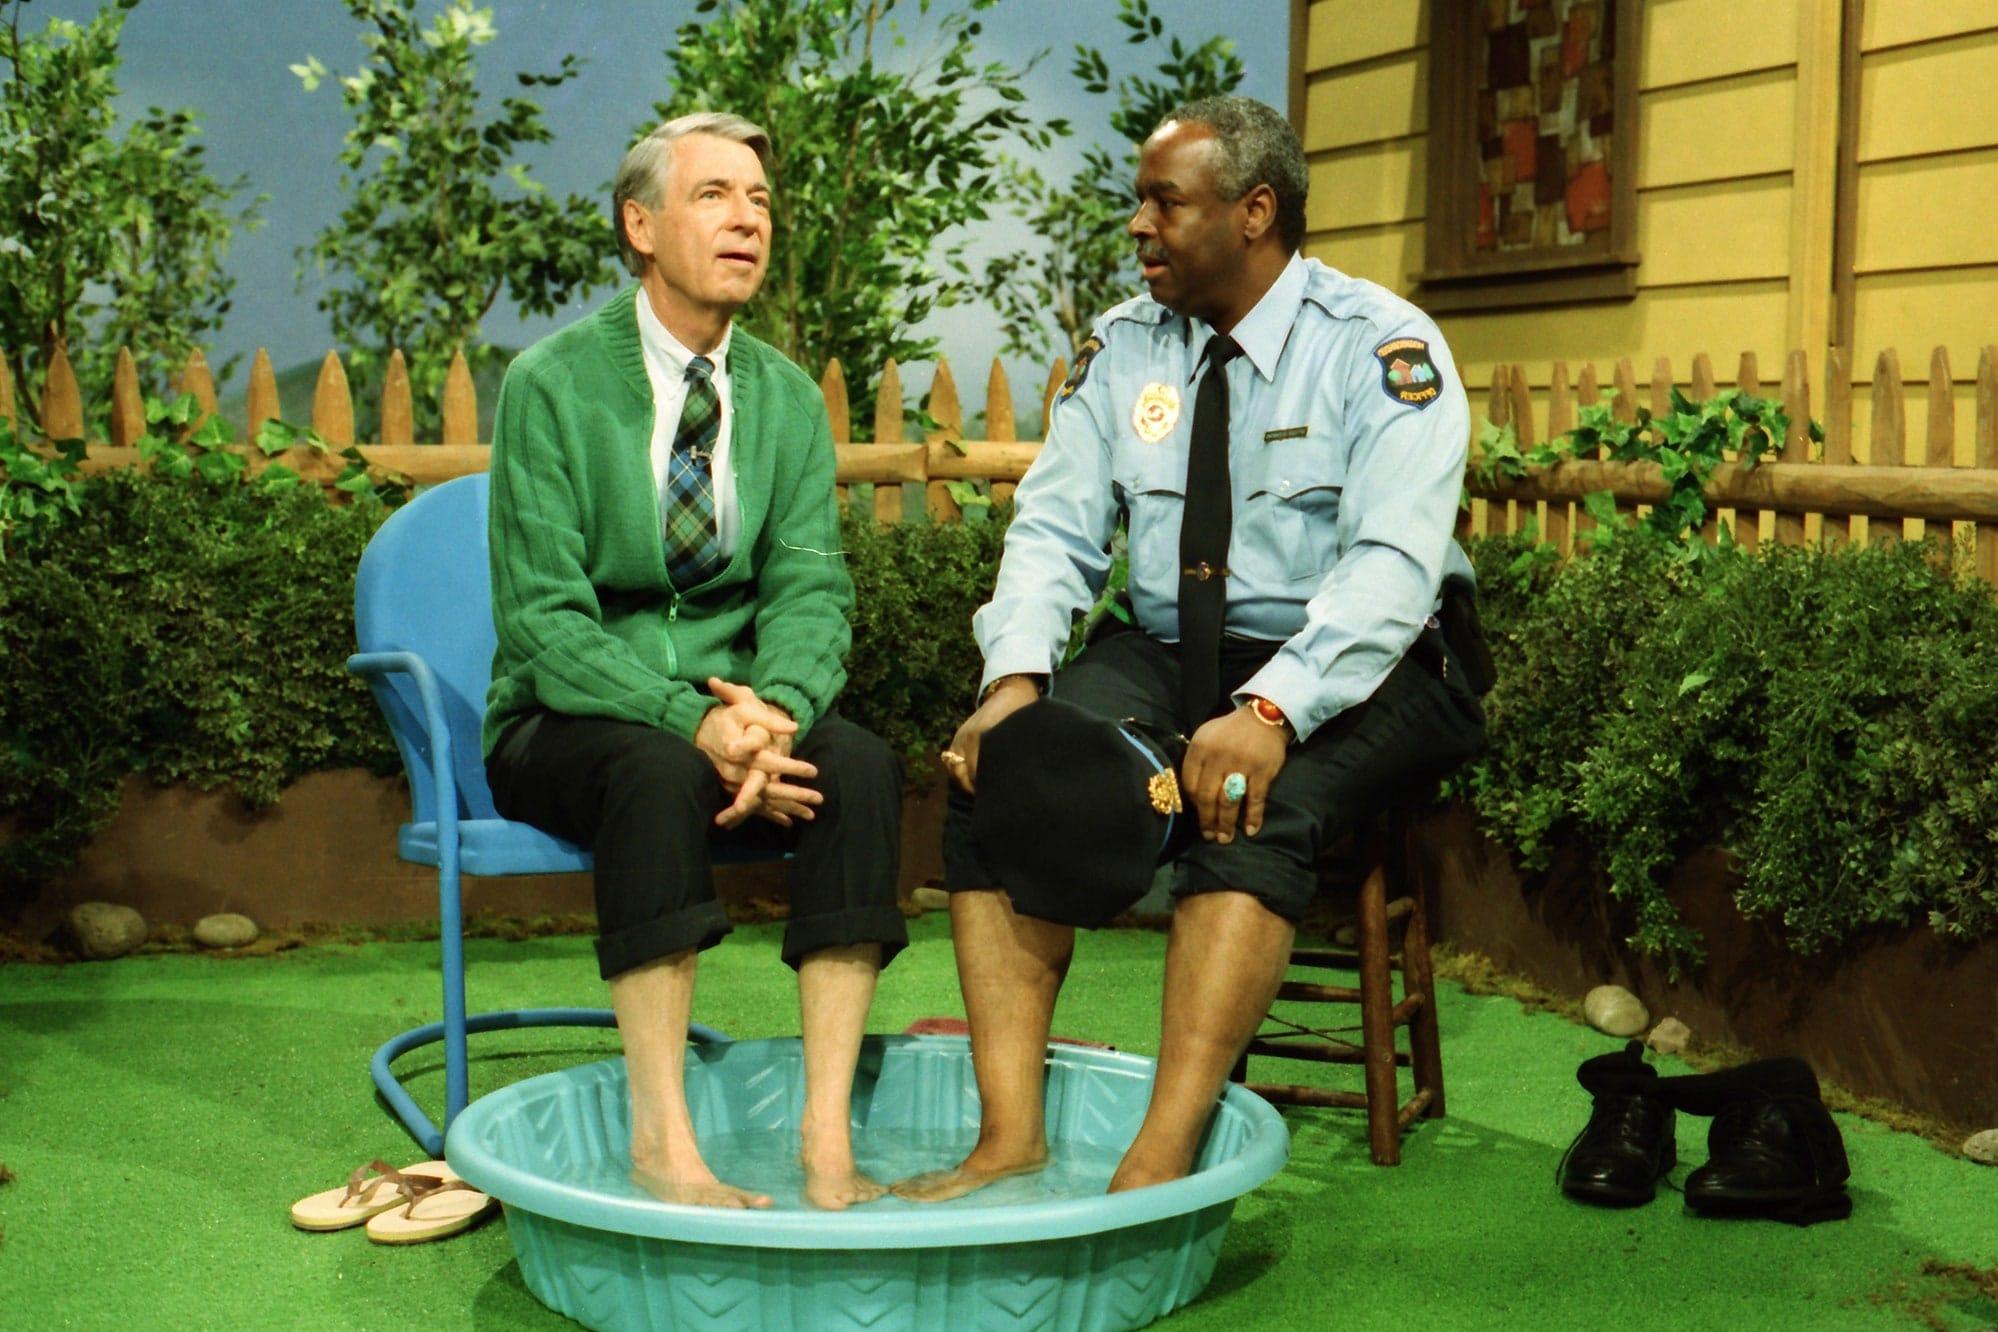 mister rogers officer clemmons pool scene